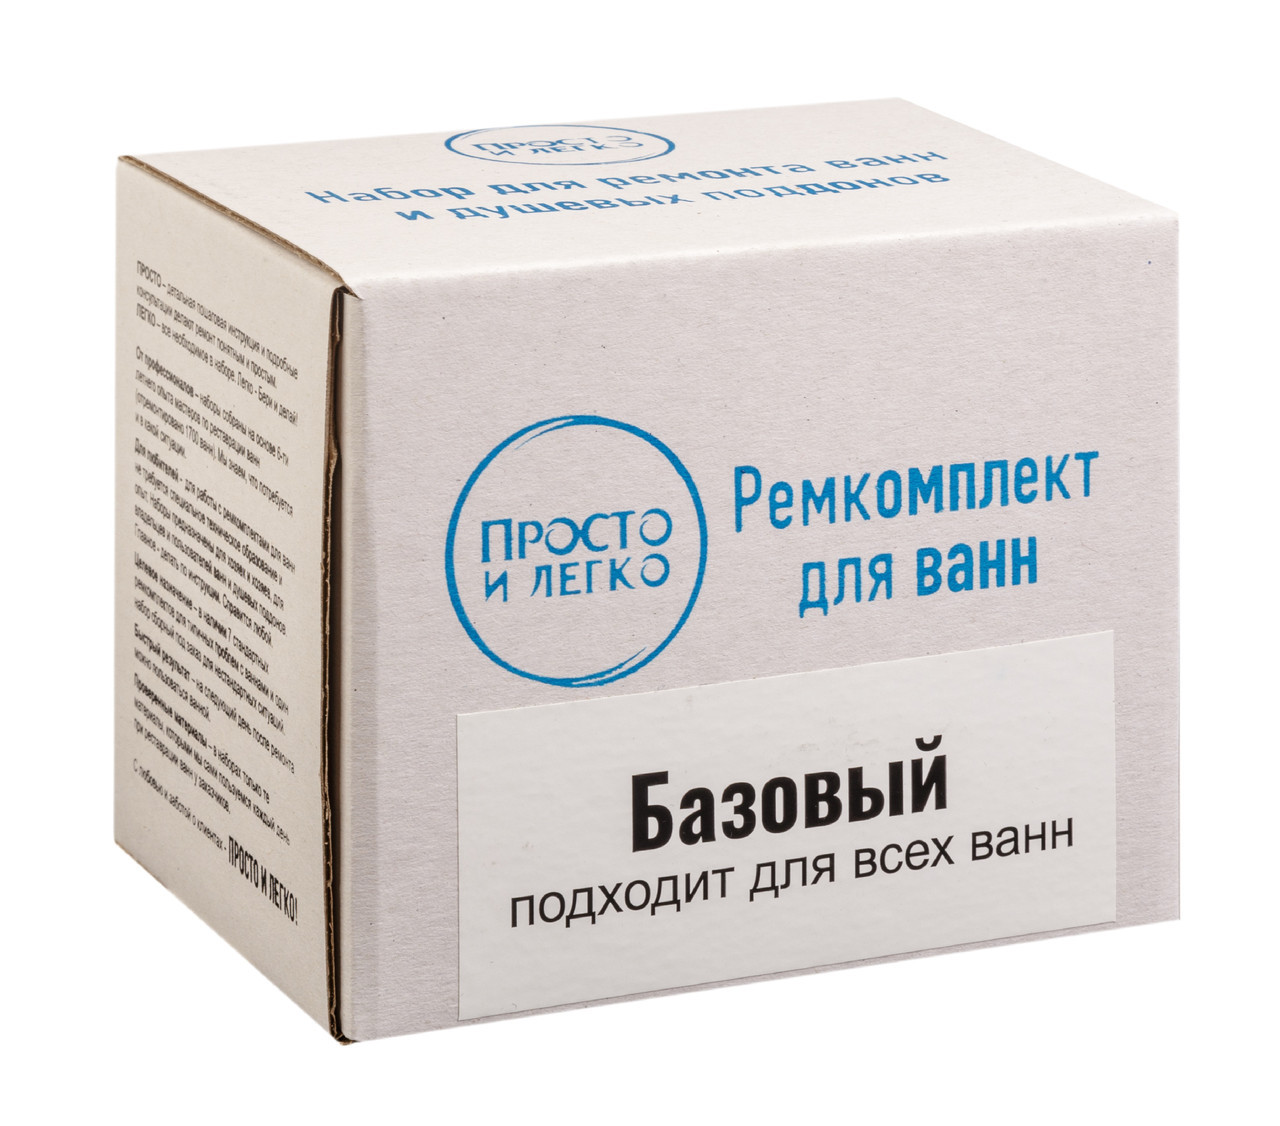 """Ремкомплект для ванн """"""""Просто и Легко"""""""", Базовый, 100 г акрила (покрывает 50*50см) 1c"""